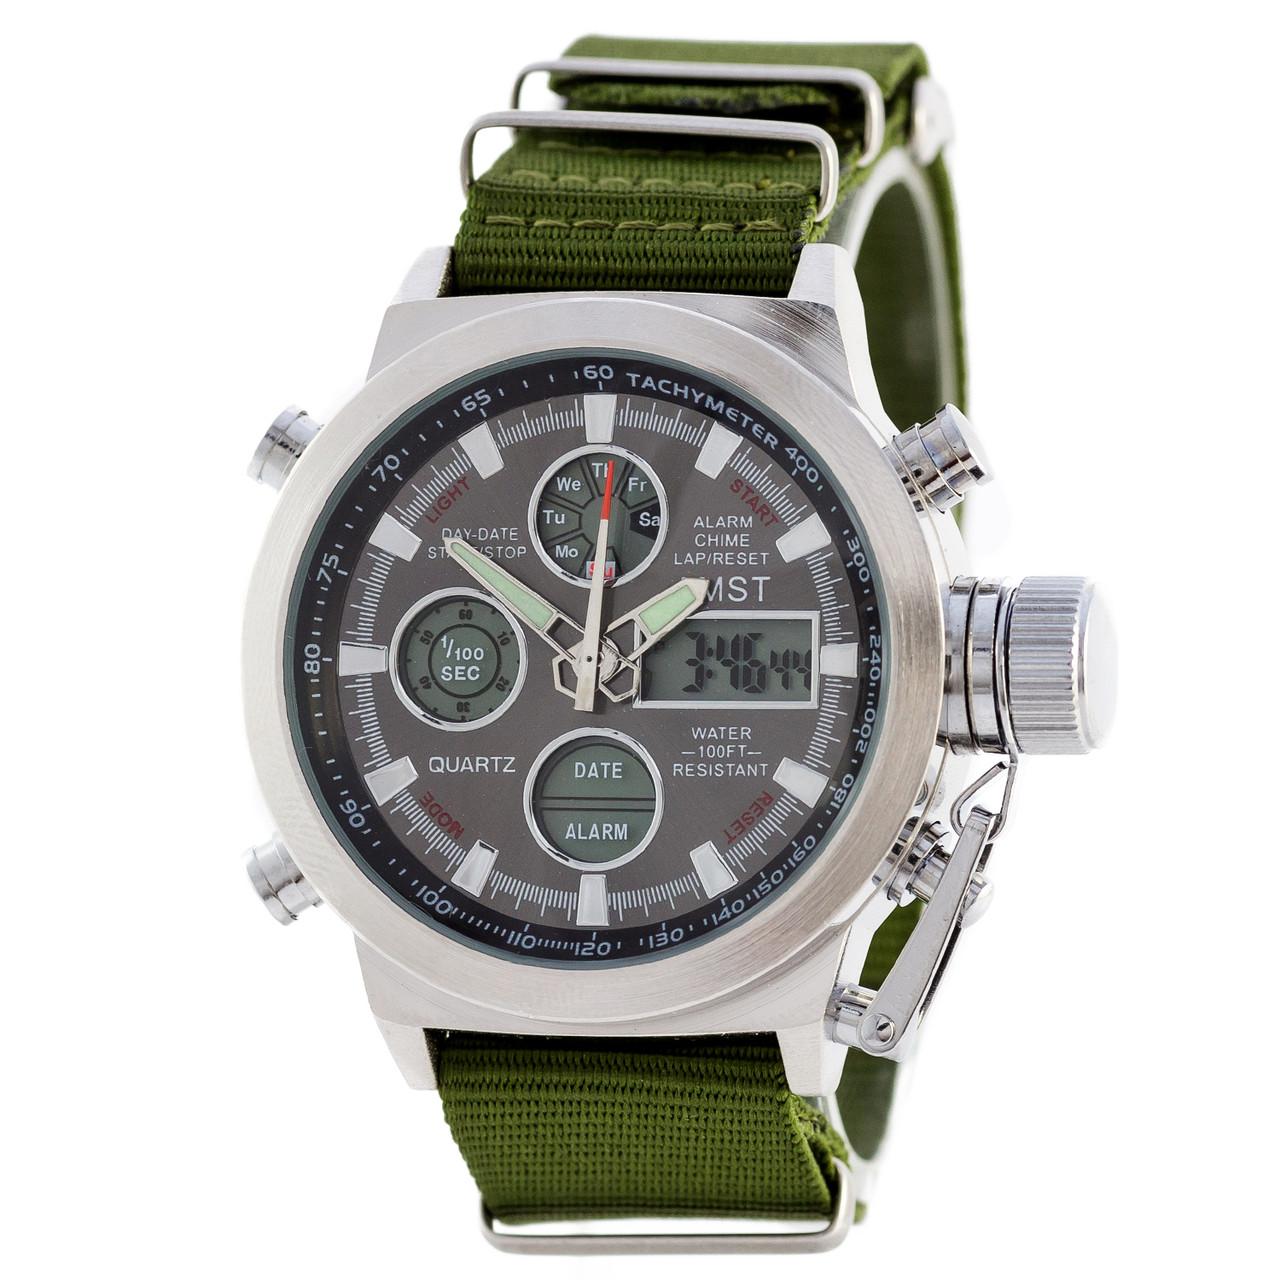 Мужские наручные часы AMST AM3003 Green/Silver/Black